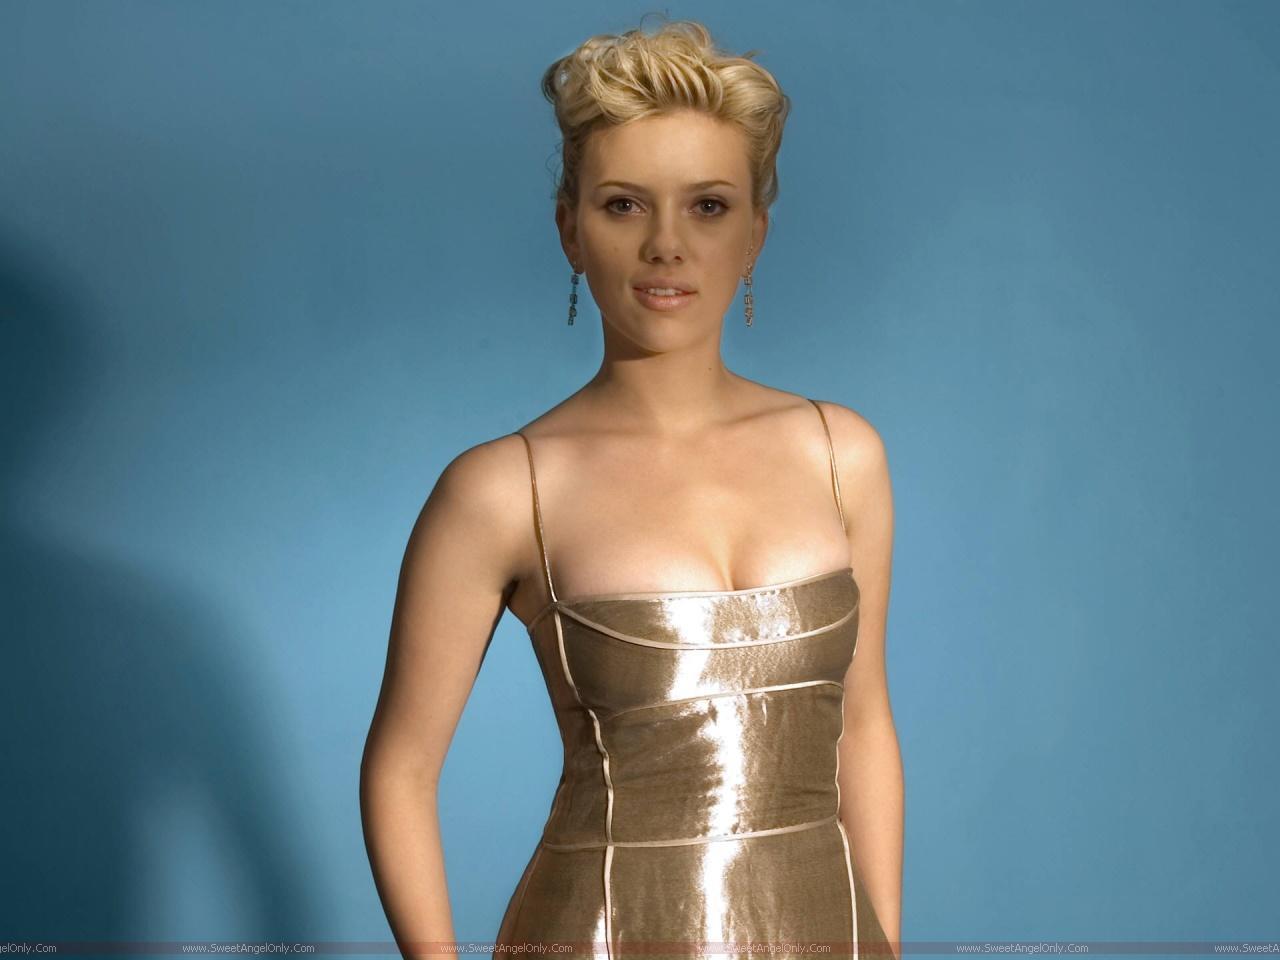 Katy B Nude Photos